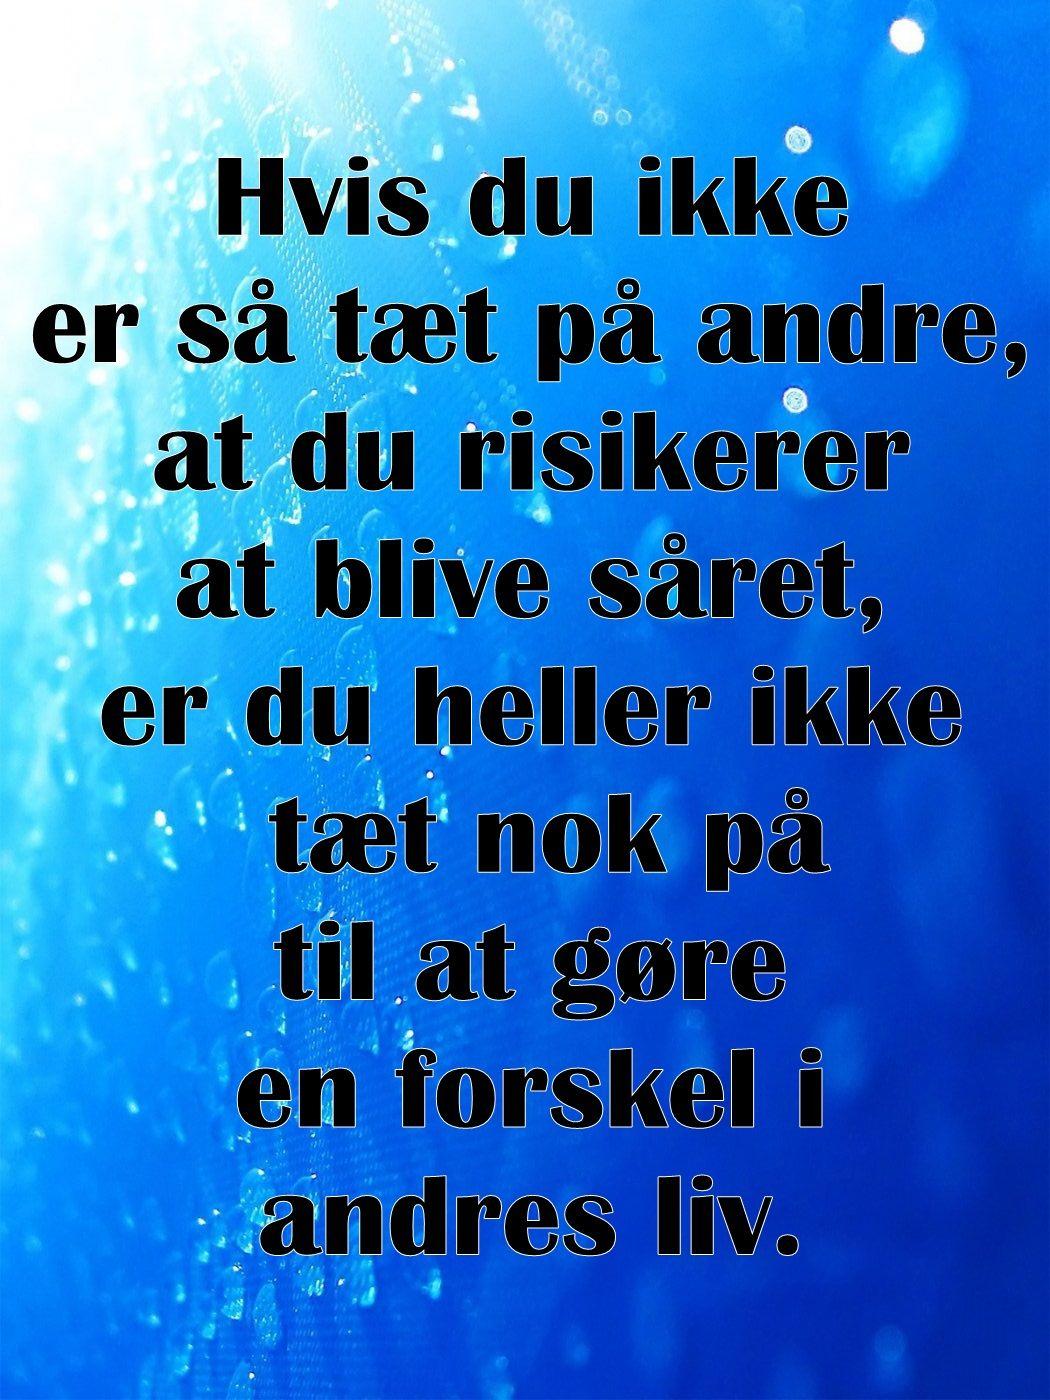 Citat Dansk Forskel Citater Livets Sandheder Og Sjove Citater